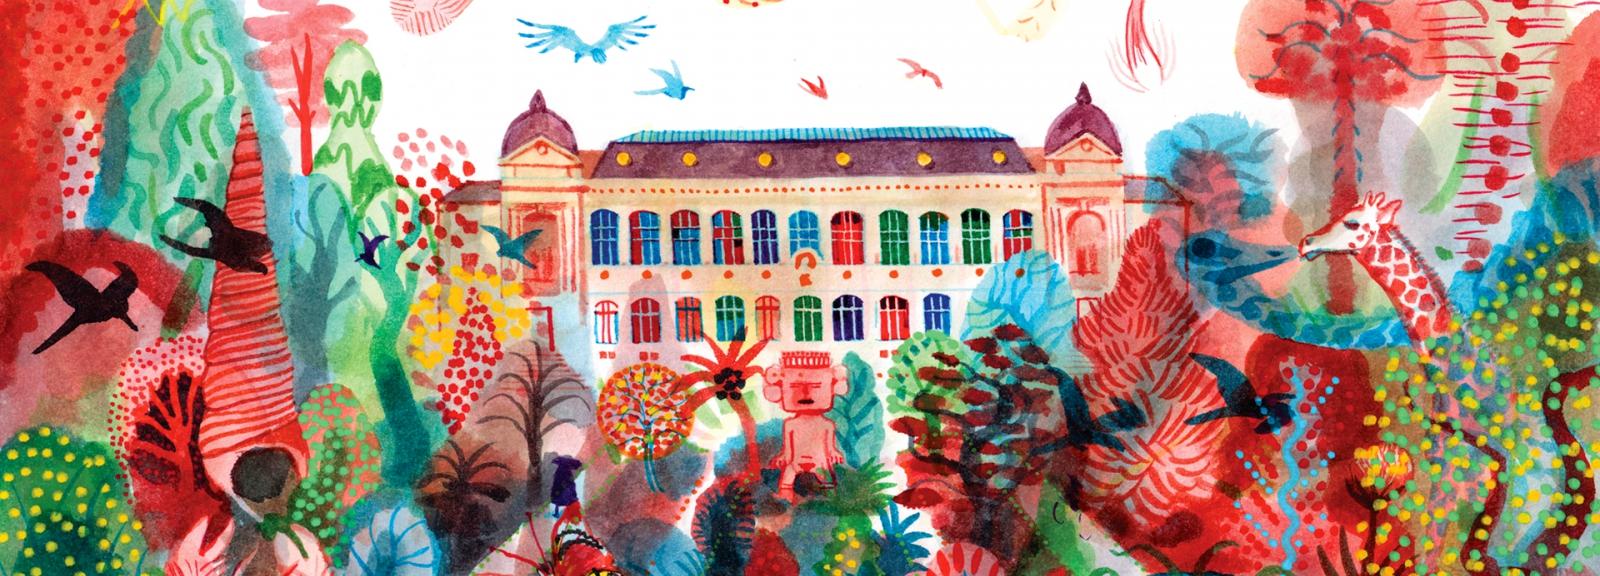 The Parisianer. Chroniques du Muséum © Brecht Evens